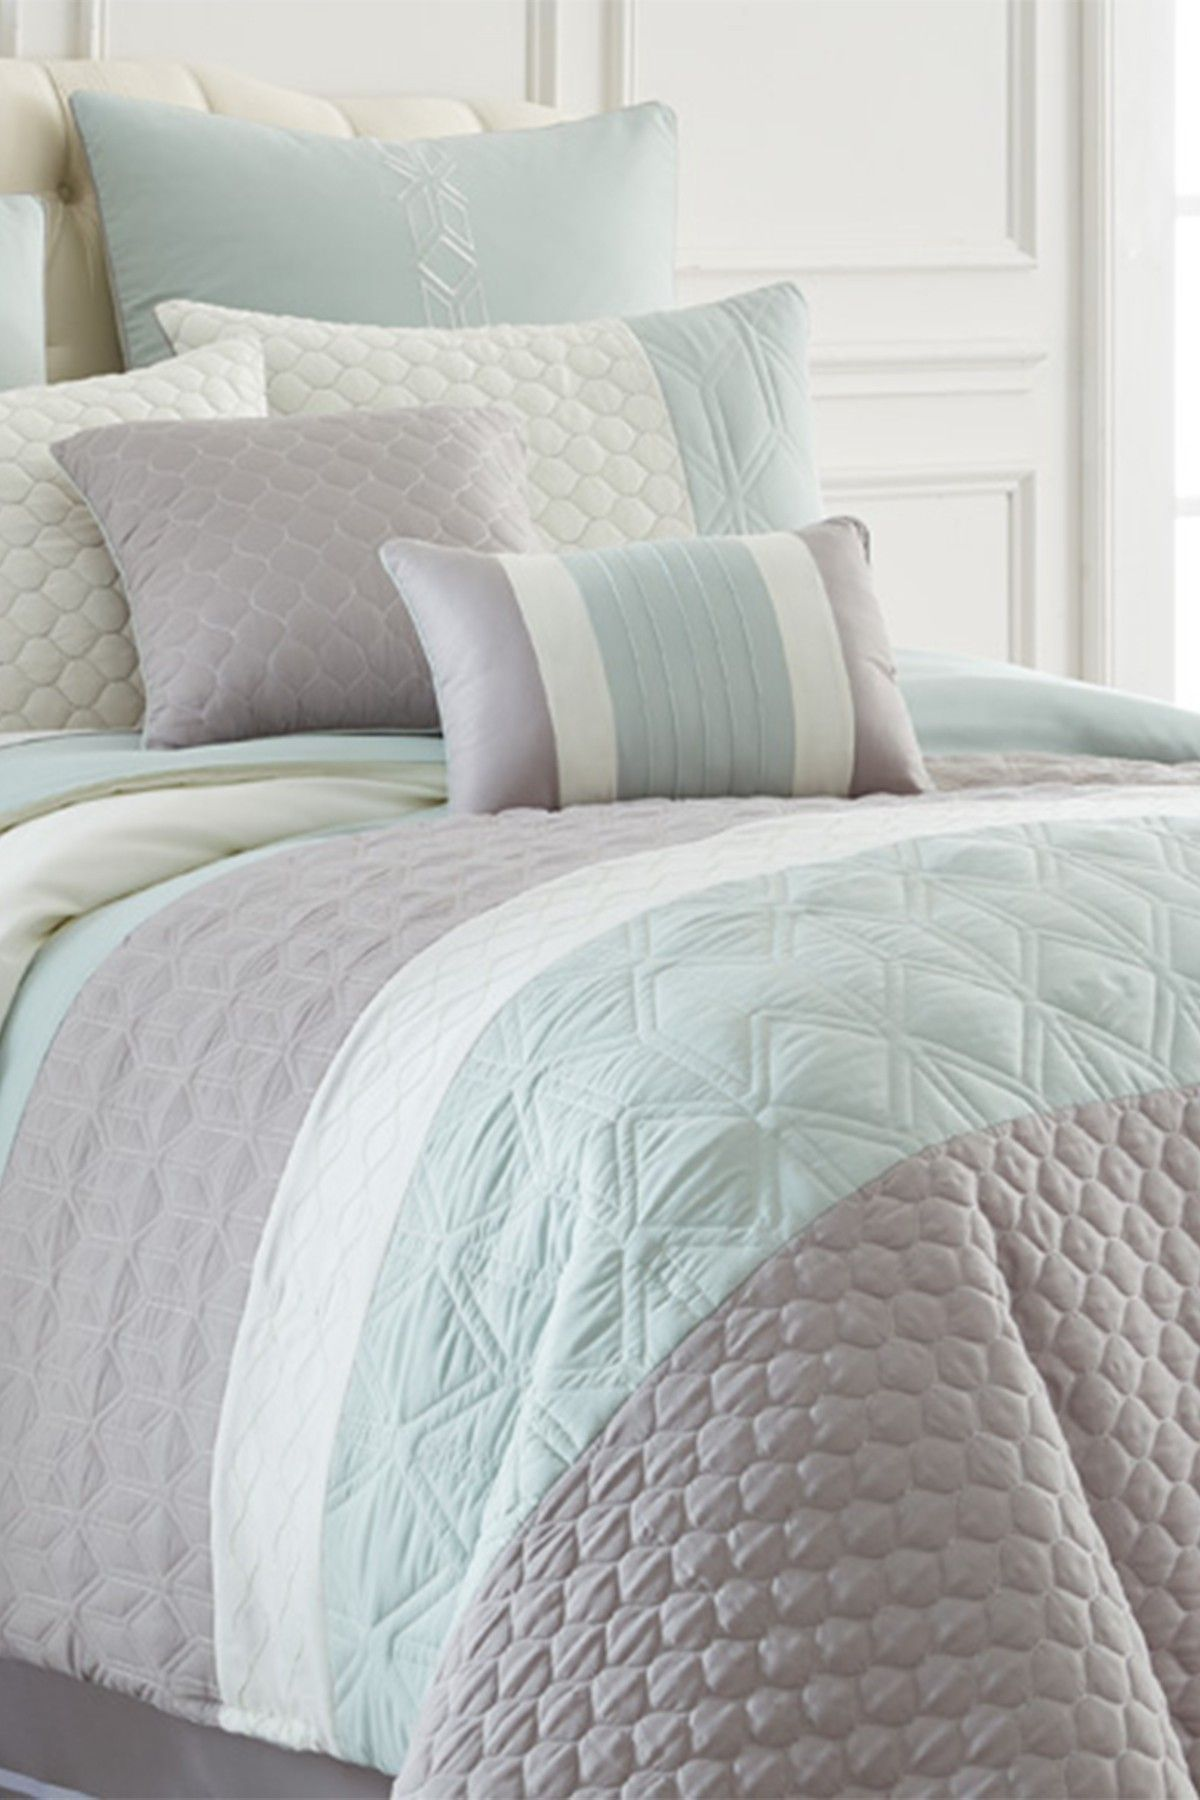 8 piece comforter set king Amrapur 8 Piece Embroidered Comforter Set   Palisades | bed bath  8 piece comforter set king